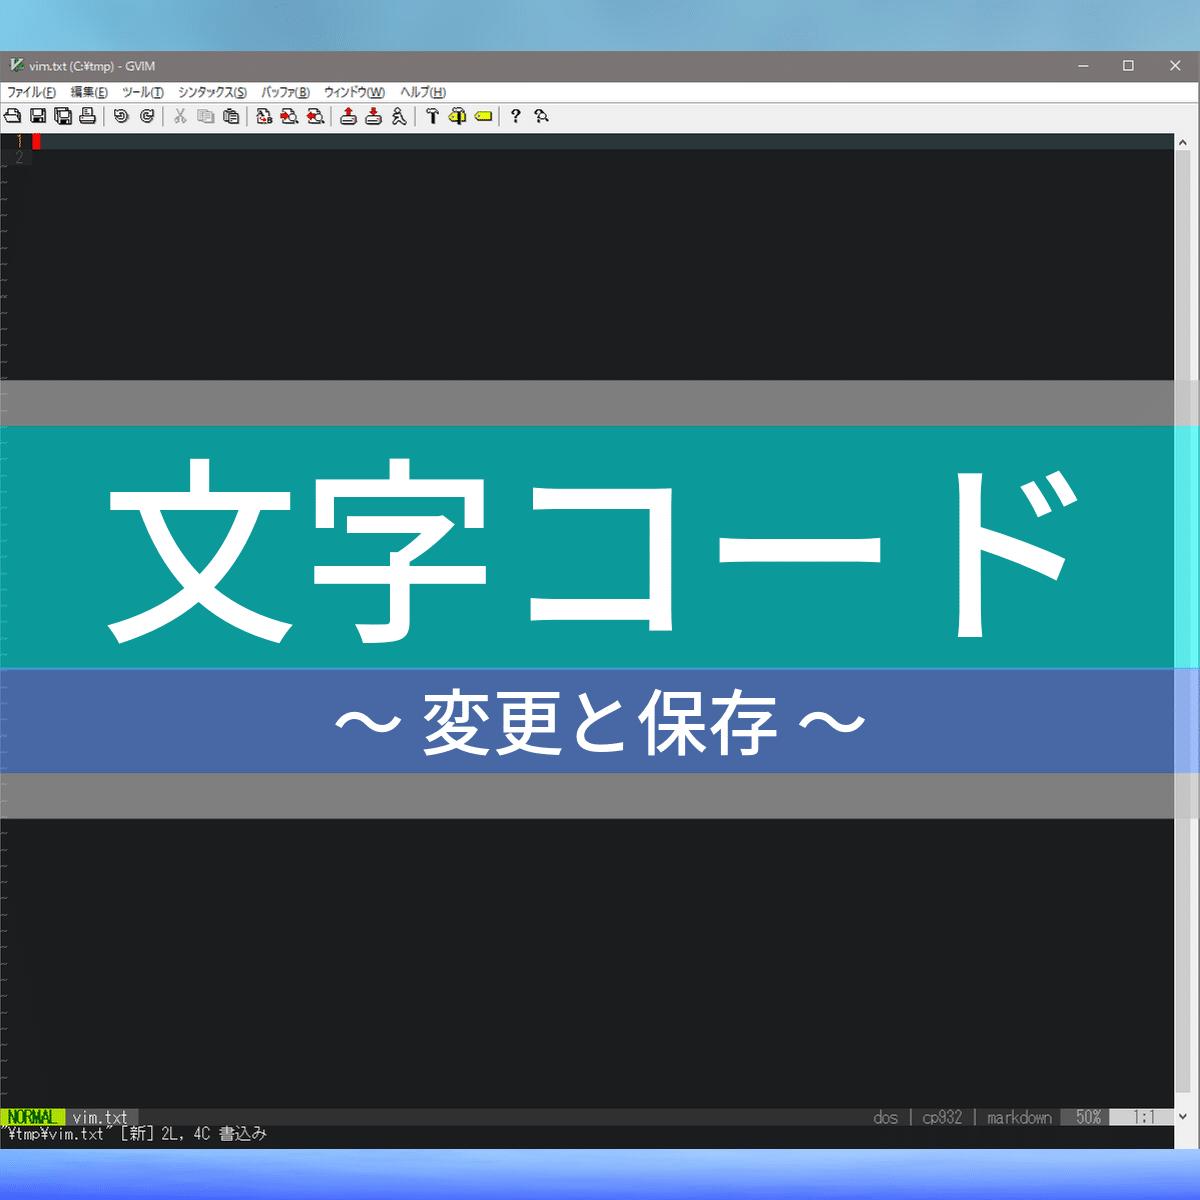 アイキャッチ:文字コードを変更して保存するコマンドは?